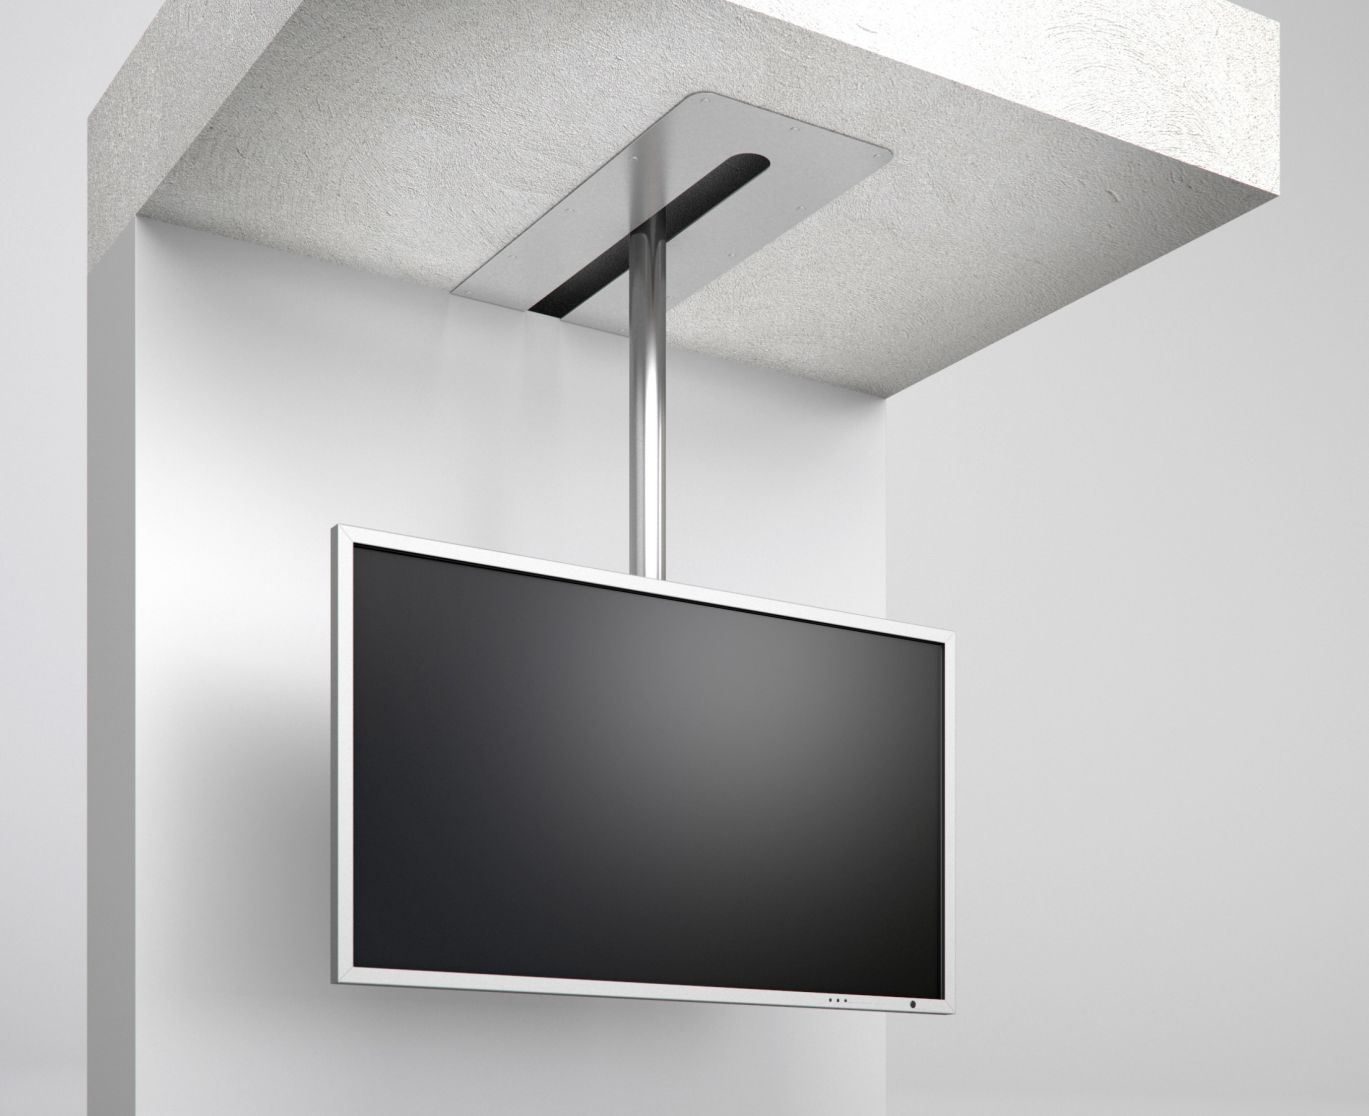 tv deckenhalterung tv halterung drehbar schwenkbar verschiebbar screentrain wissmann. Black Bedroom Furniture Sets. Home Design Ideas